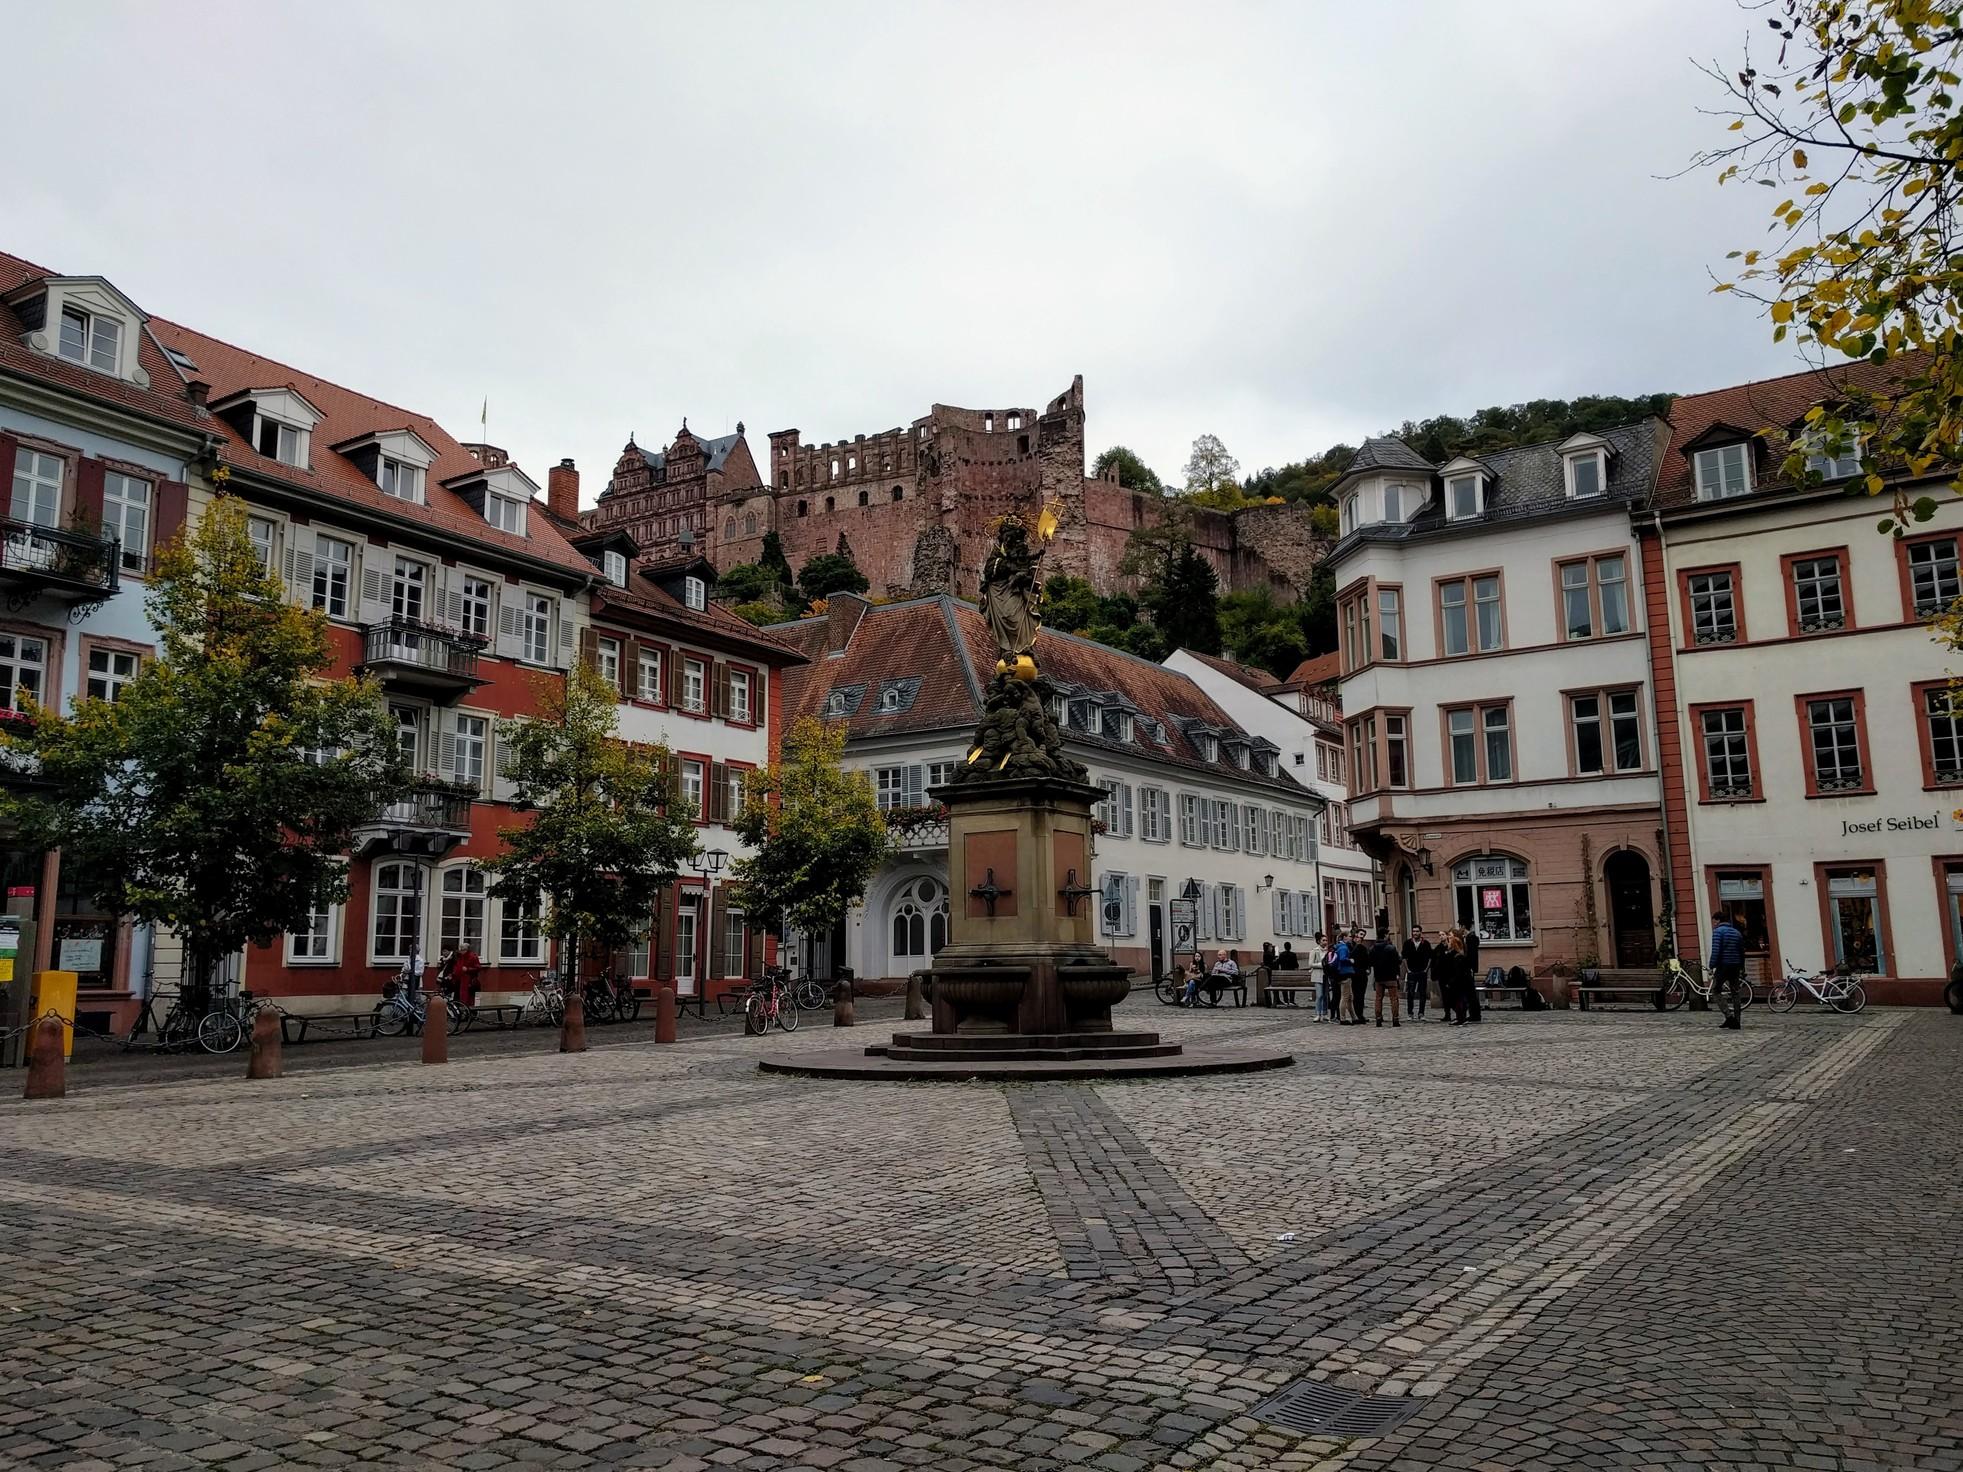 /images/Heidelberg.jpg